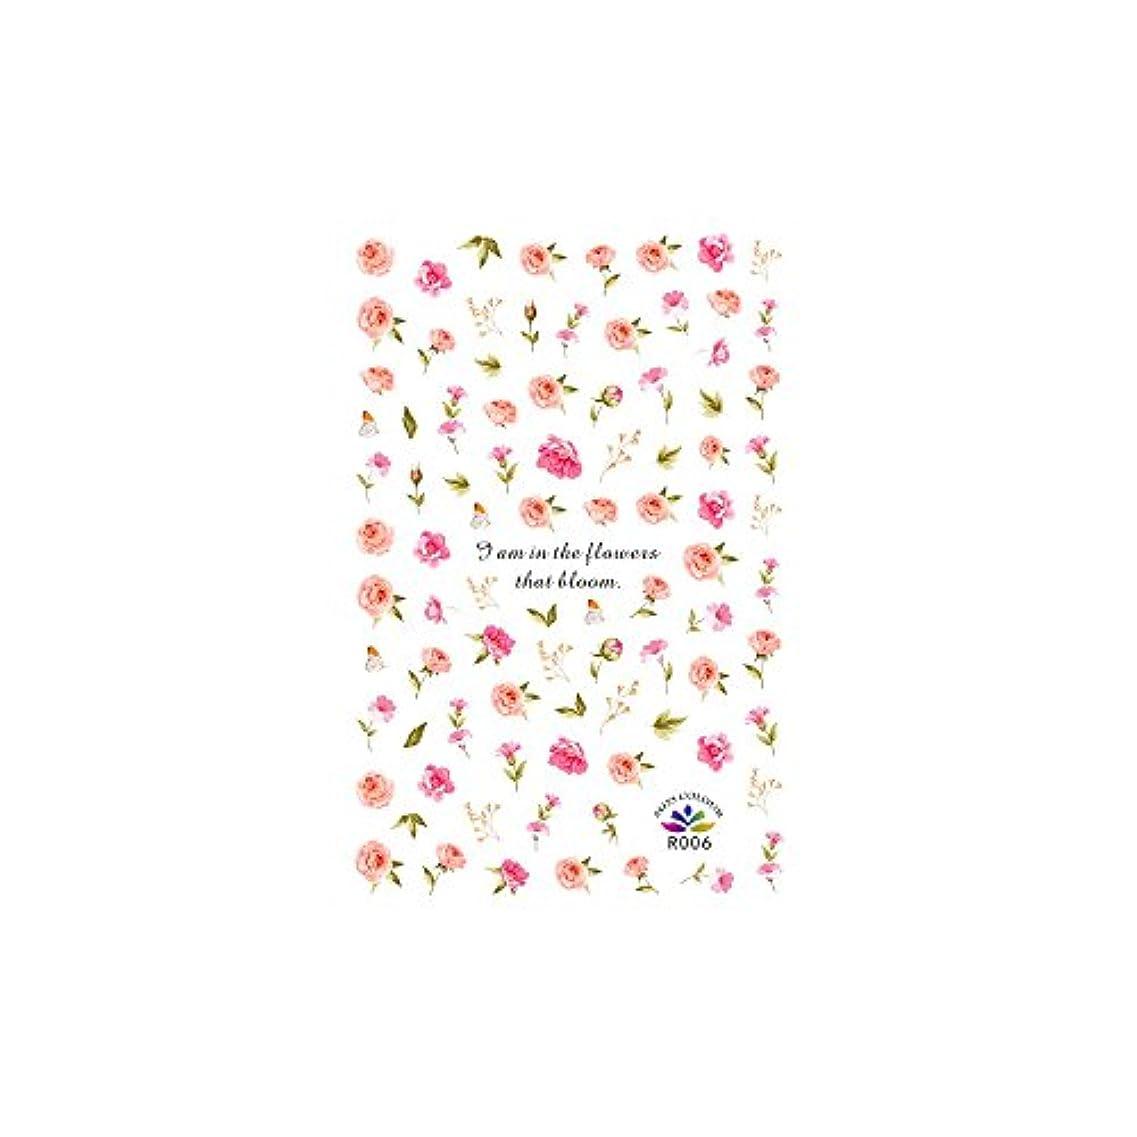 要求顎範囲ネイルシール アンティークローズシール ジェルネイル ネイルアート 花柄 花びら フラワーネイル 薔薇 セルフネイル